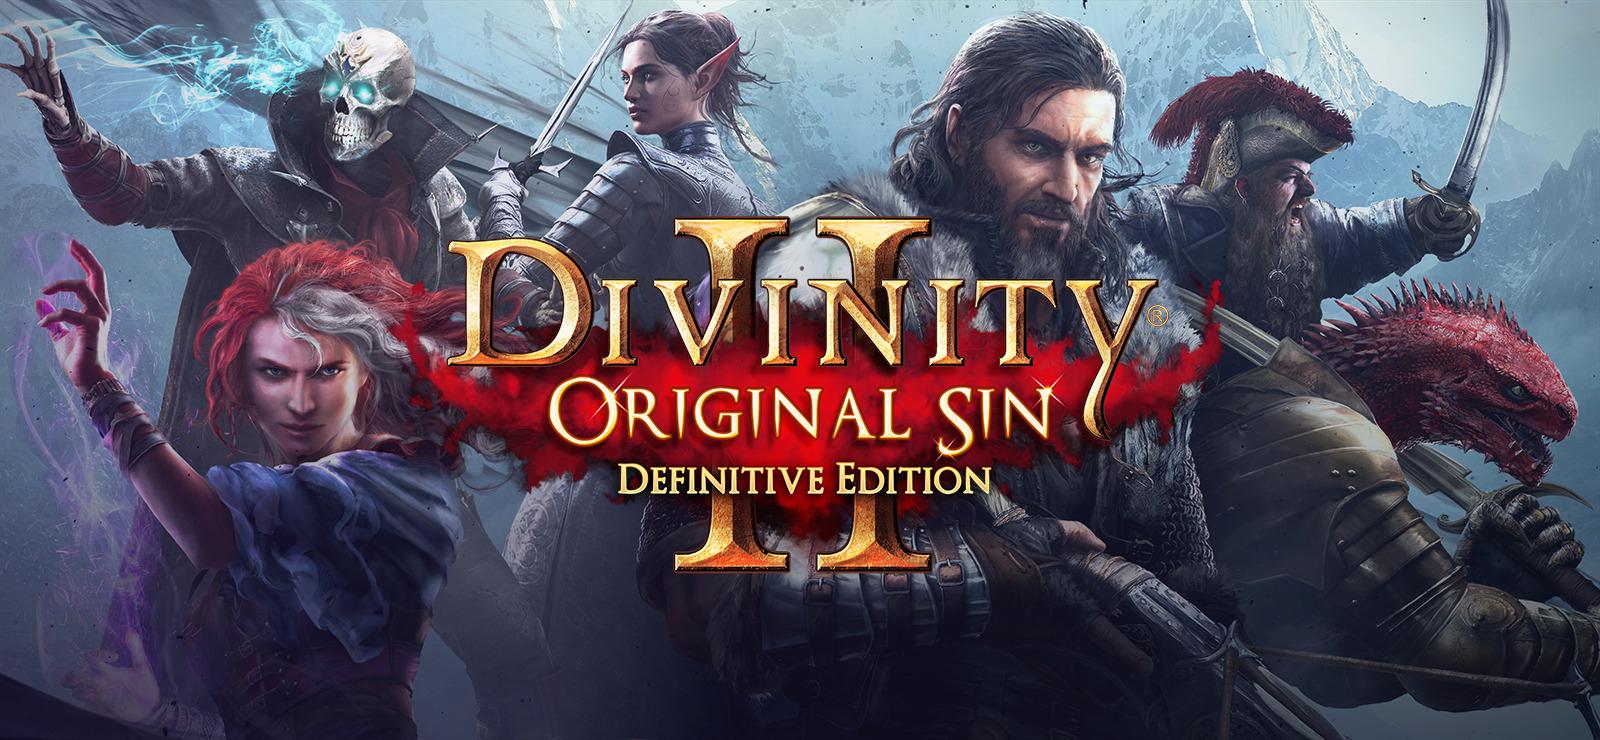 [PC] Divinity: Original Sin 2 - Definitive Edition por 3,51€ & mas juegos [Gog Rusa]